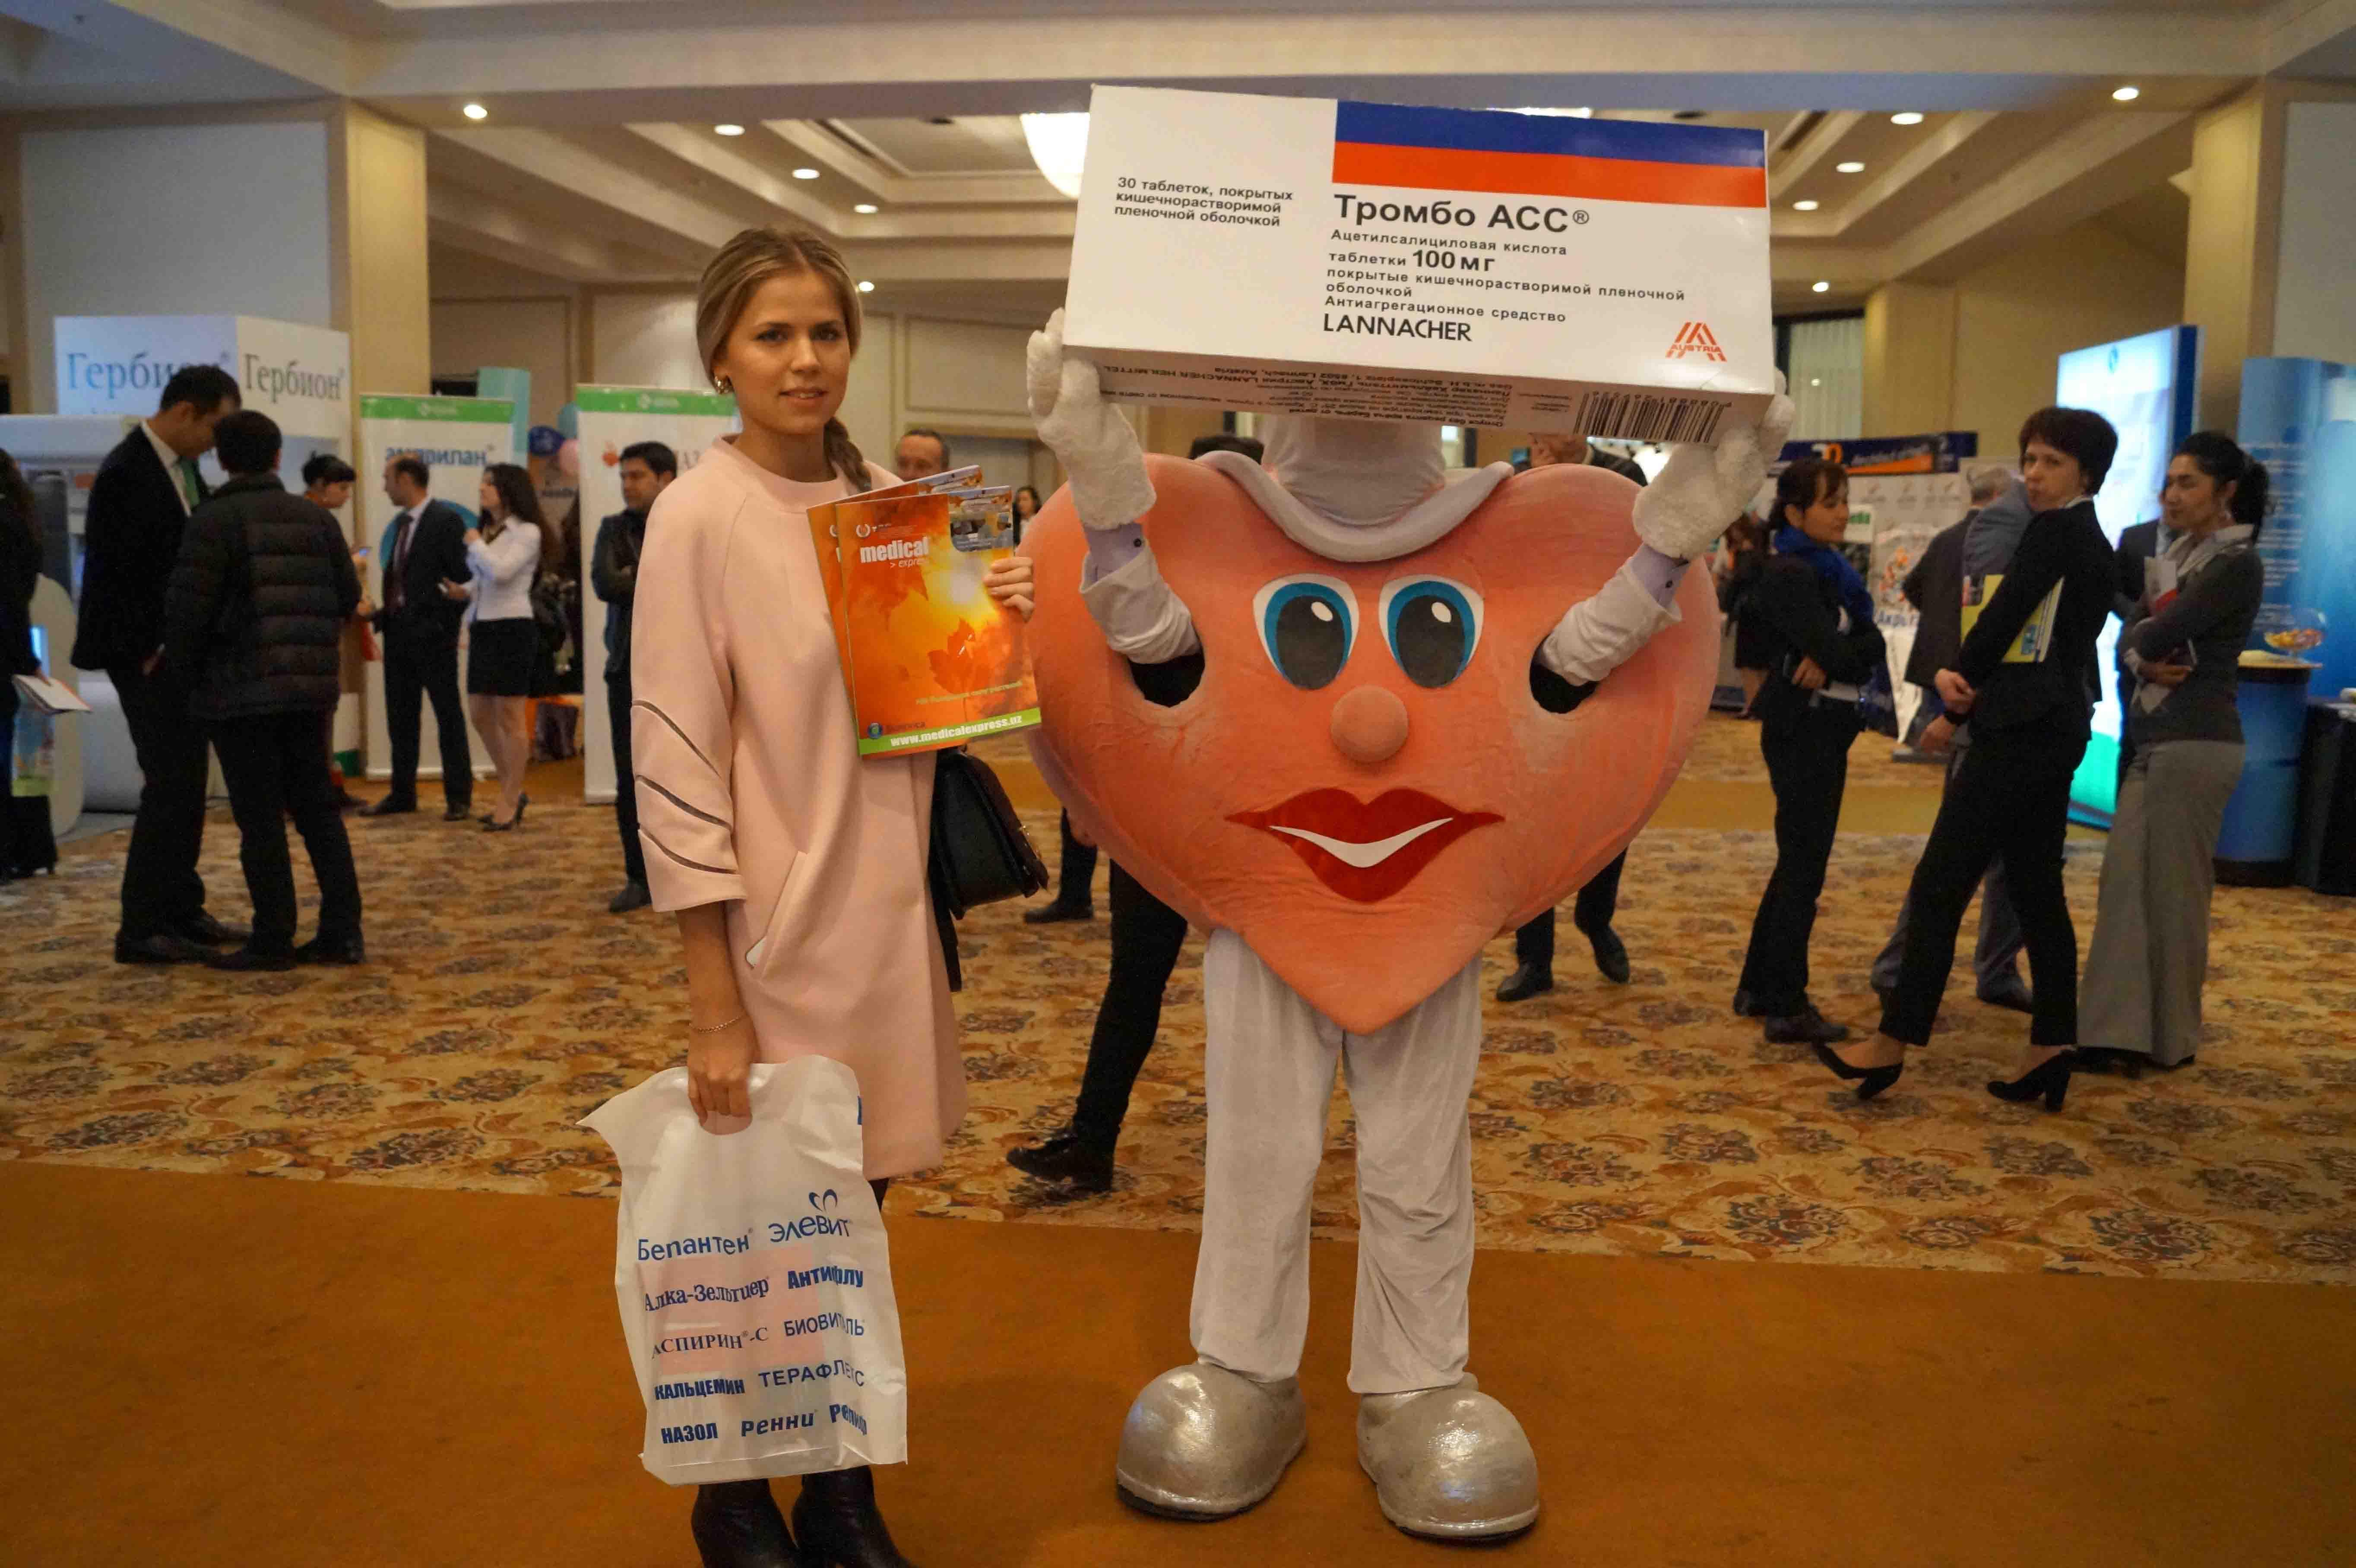 http://medicalexpress.ru/uploads/reportss/yuyuyuyuyu.jpg